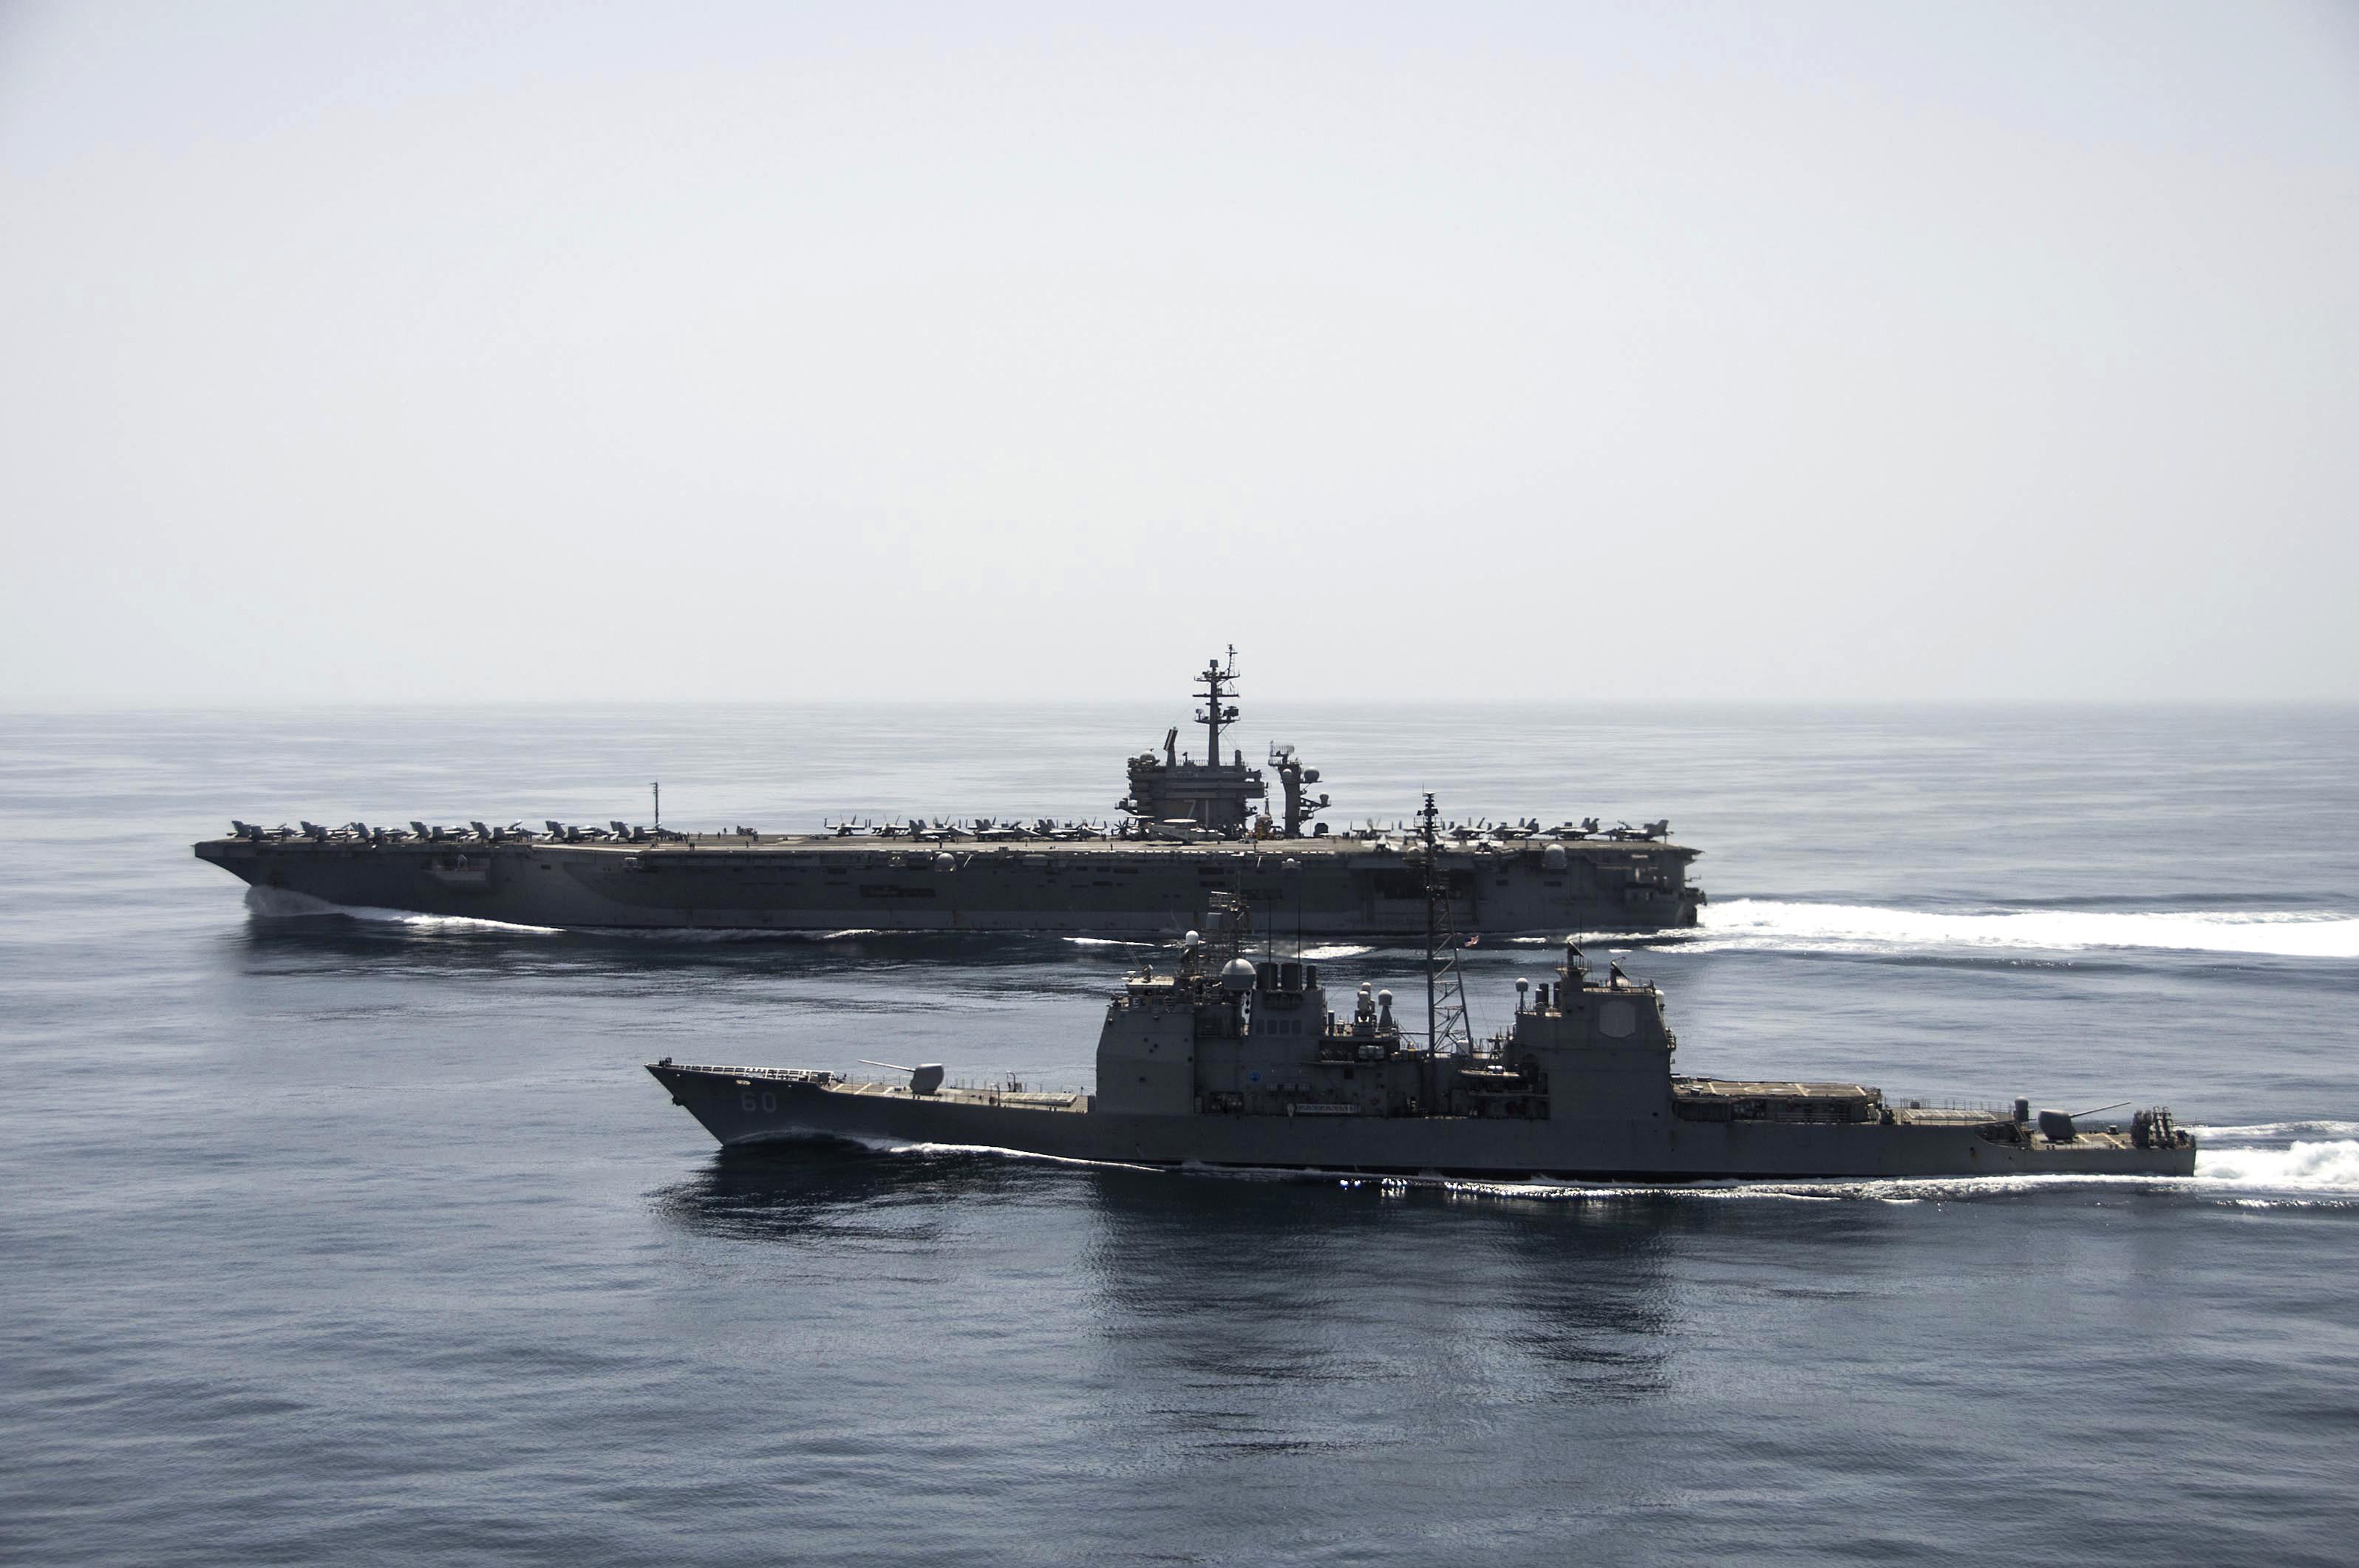 USS THEODORE ROOSEVELT CVN-71 und USS NORMANDY CG-60 am 21.04.2015 vor der Küste des Yemen Bild: U.S. Navy